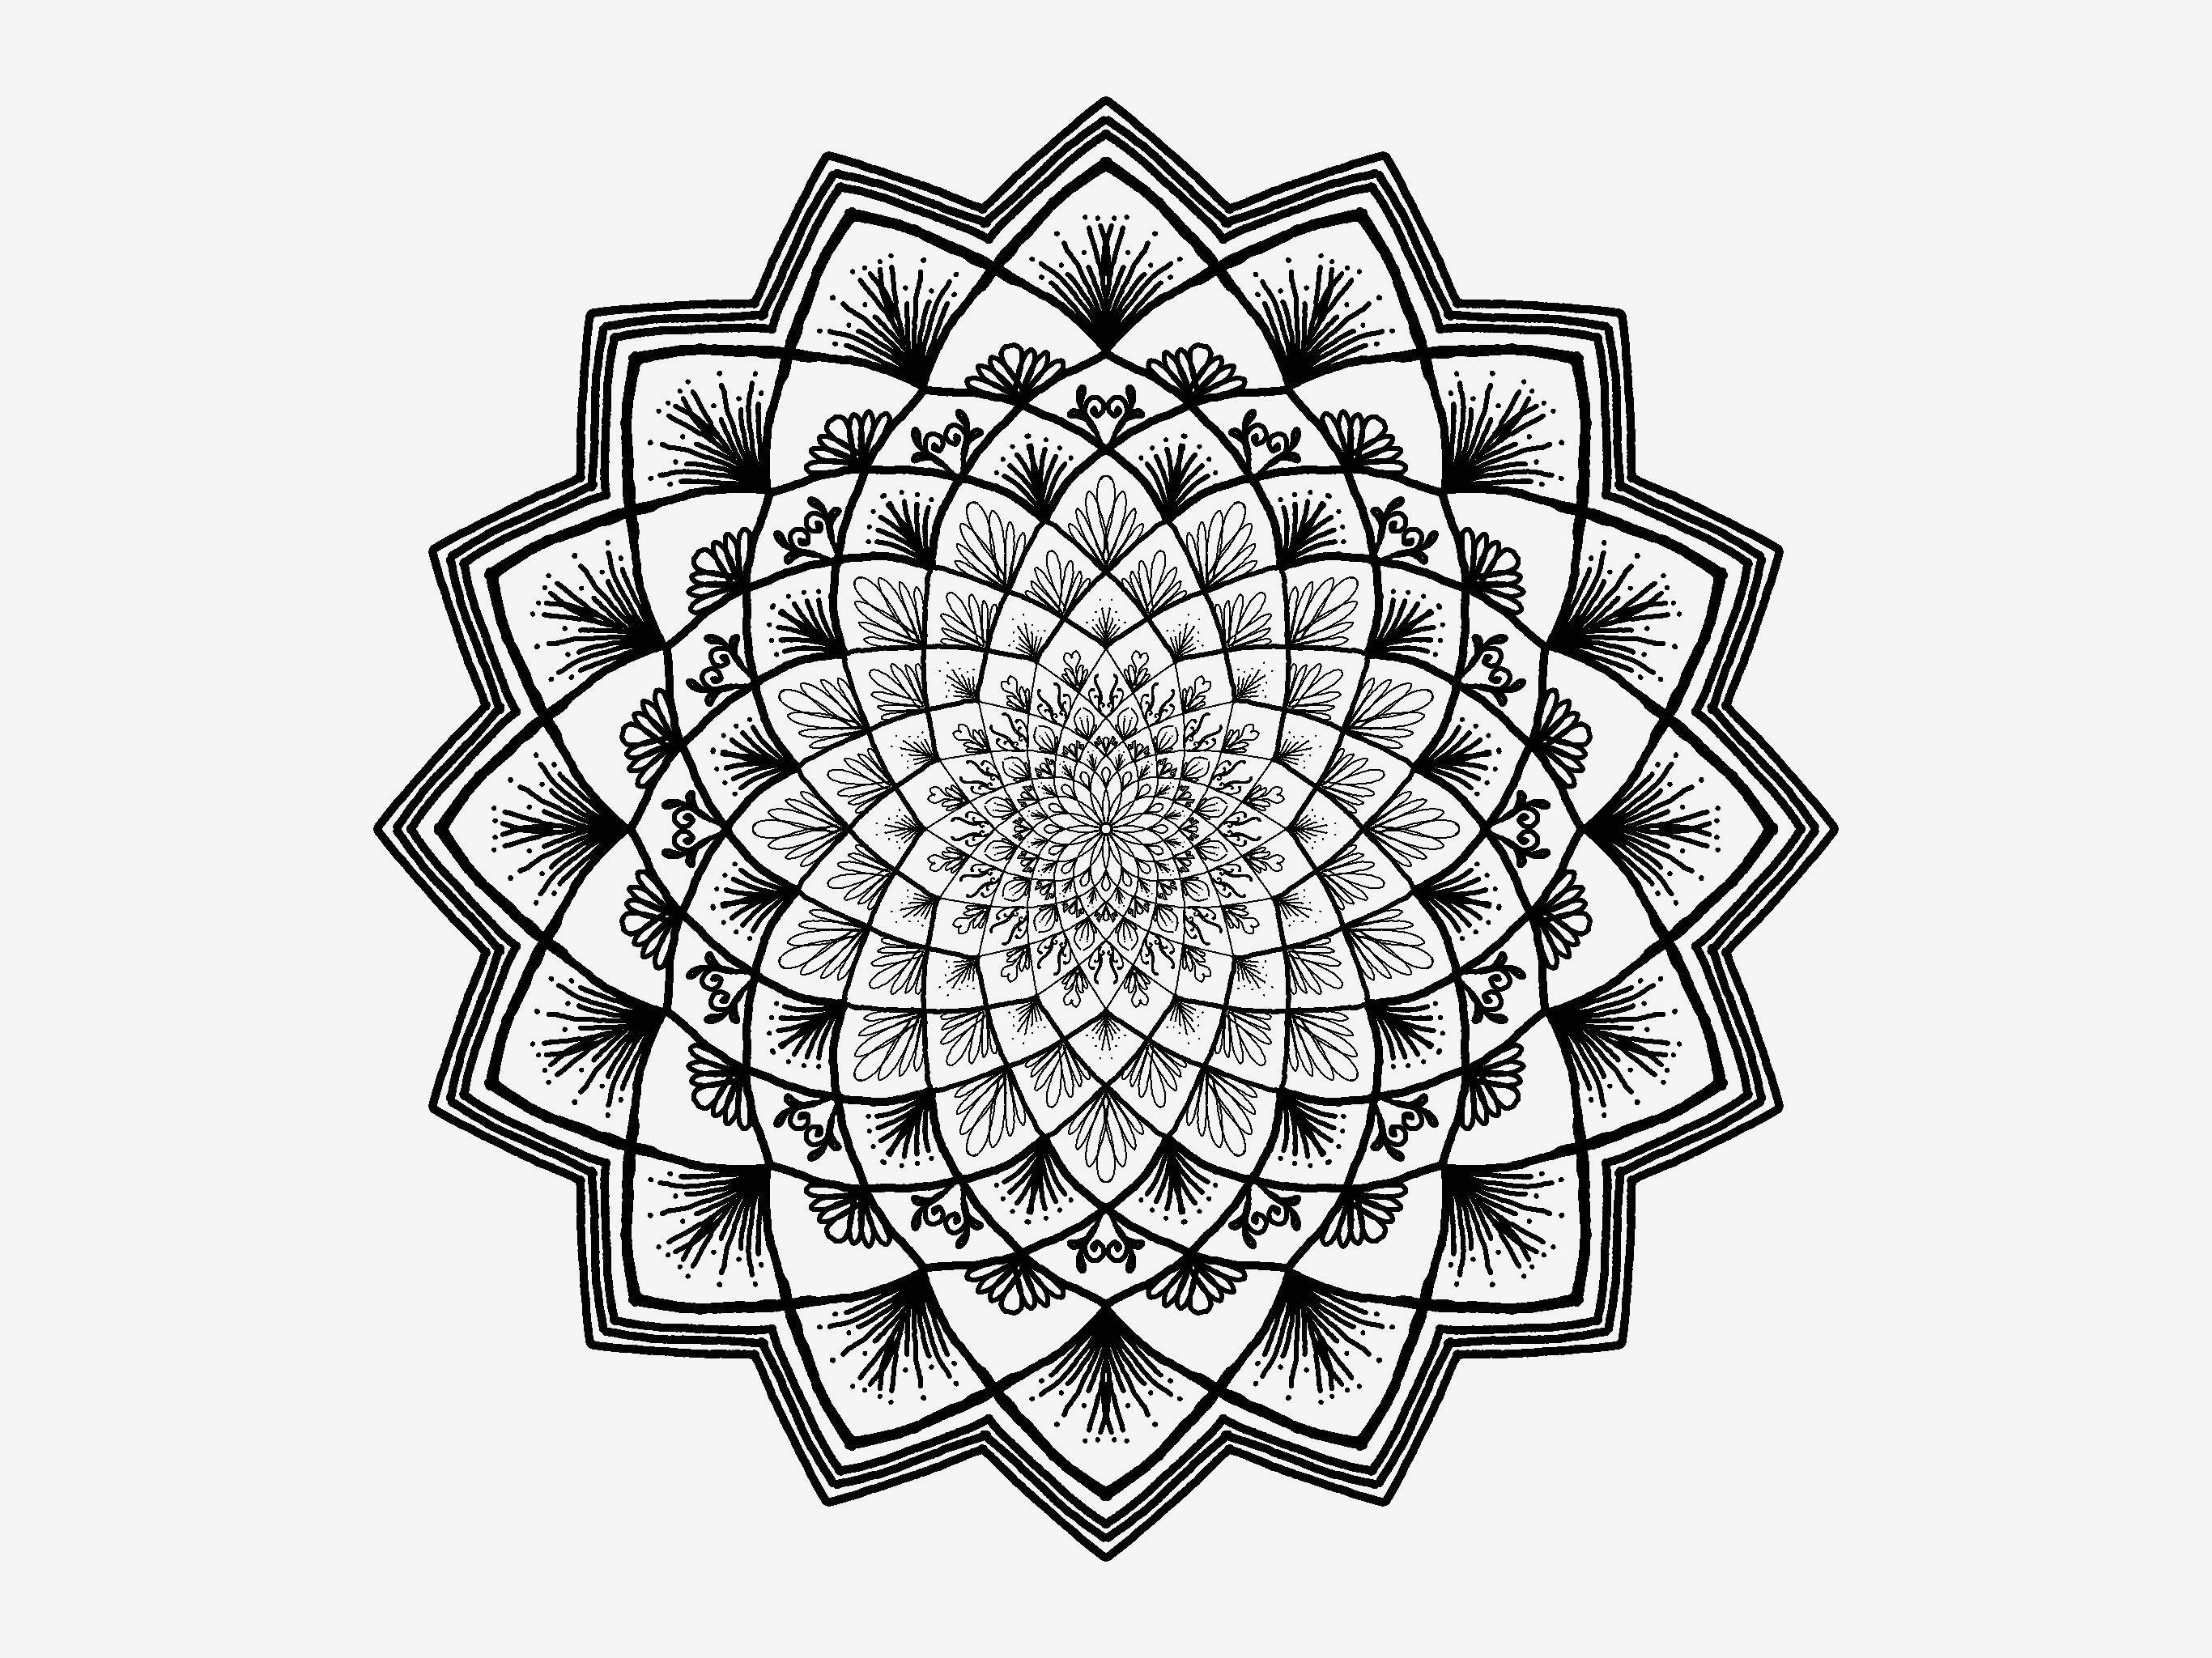 Mandala Zum Ausdrucken Erwachsene Frisch Ausmalbilder Mandala Eine Sammlung Von Färbung Bilder Malvorlagen F Fotografieren